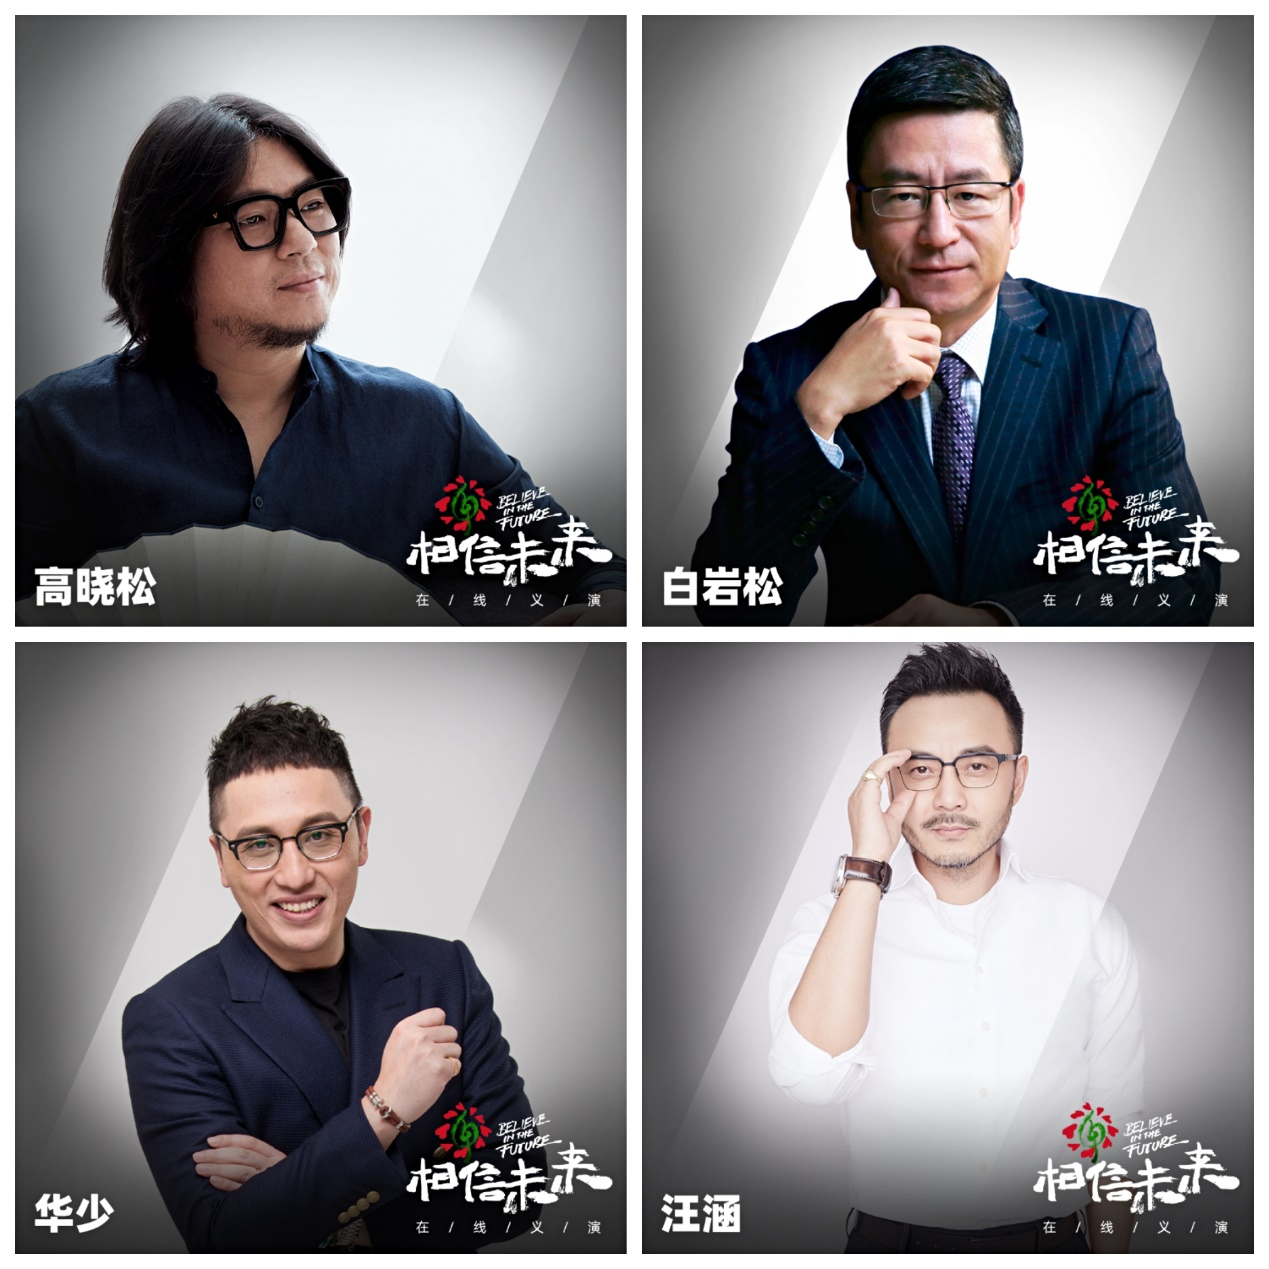 相信未来义演首场五四优酷播出 王菲《人间》郎朗《黄河颂》奏唱中国力量